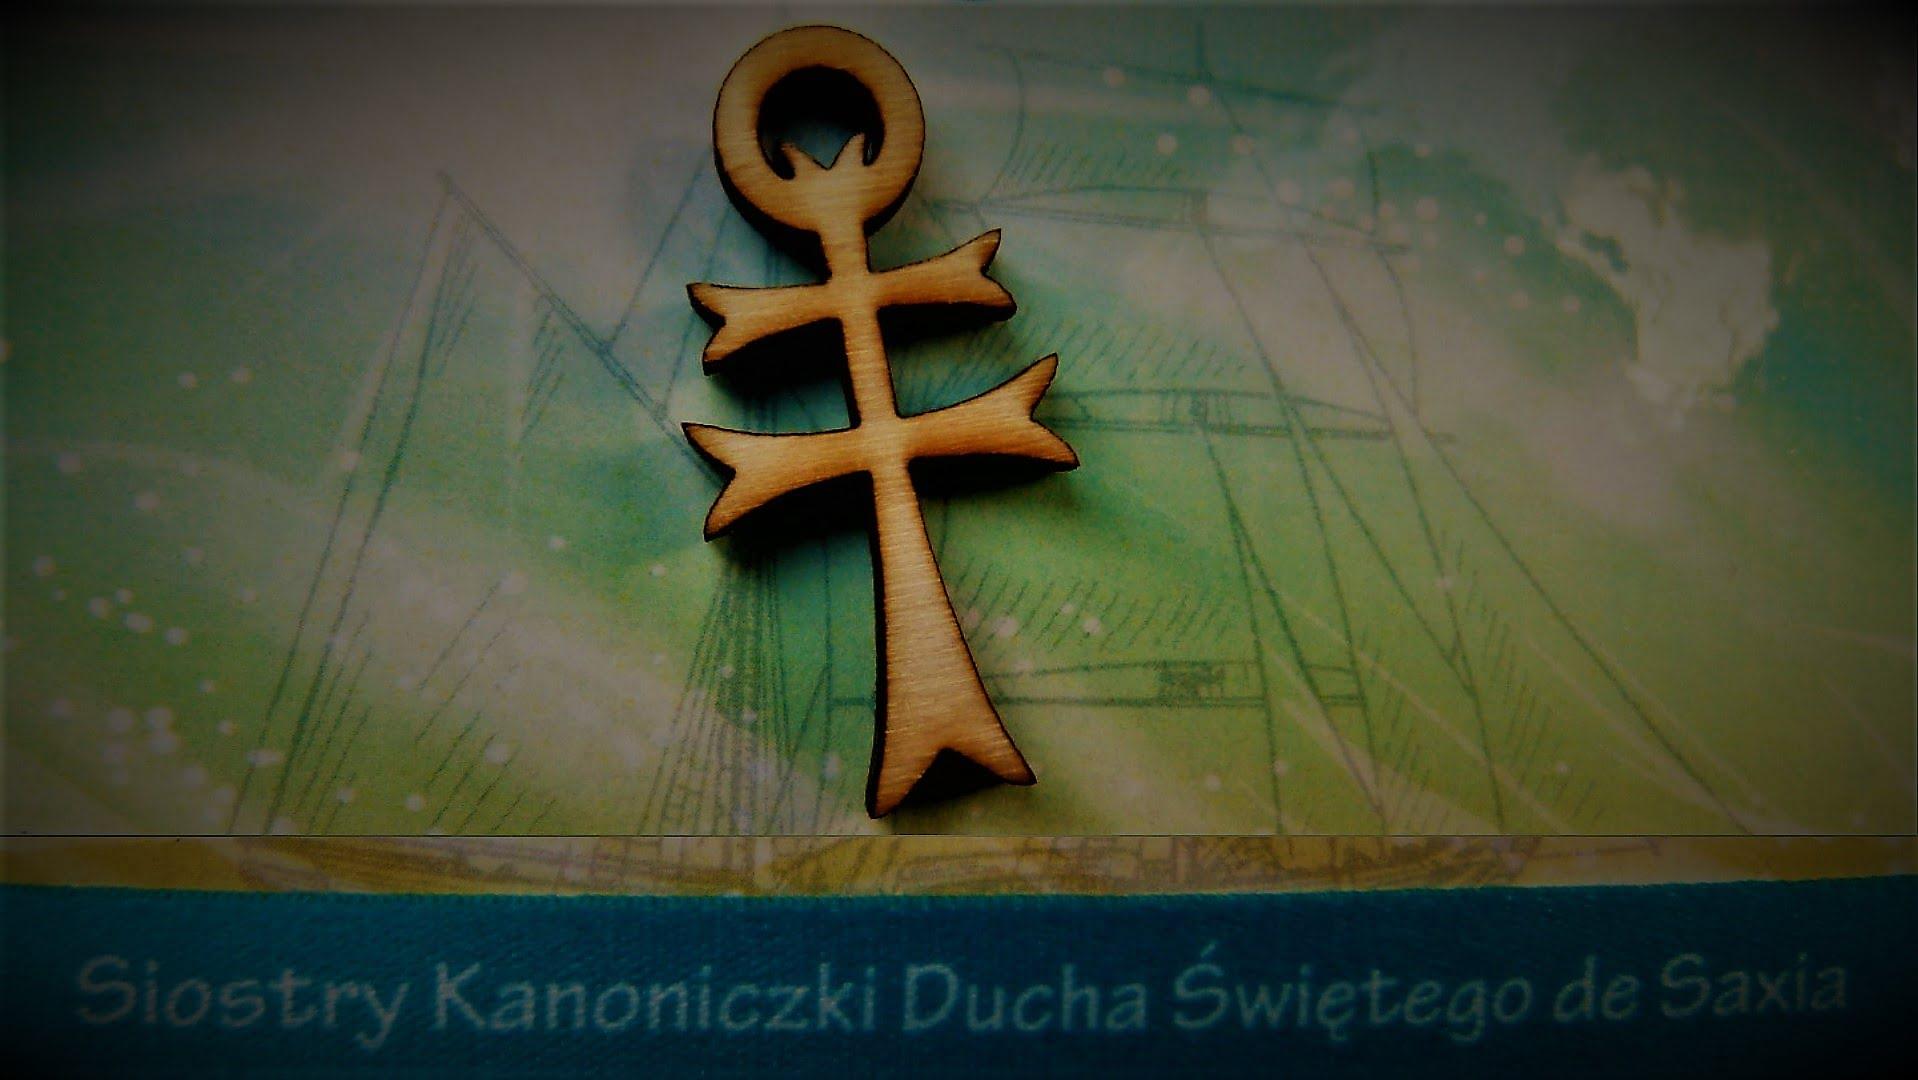 krzyz_duchacki_wodnyy